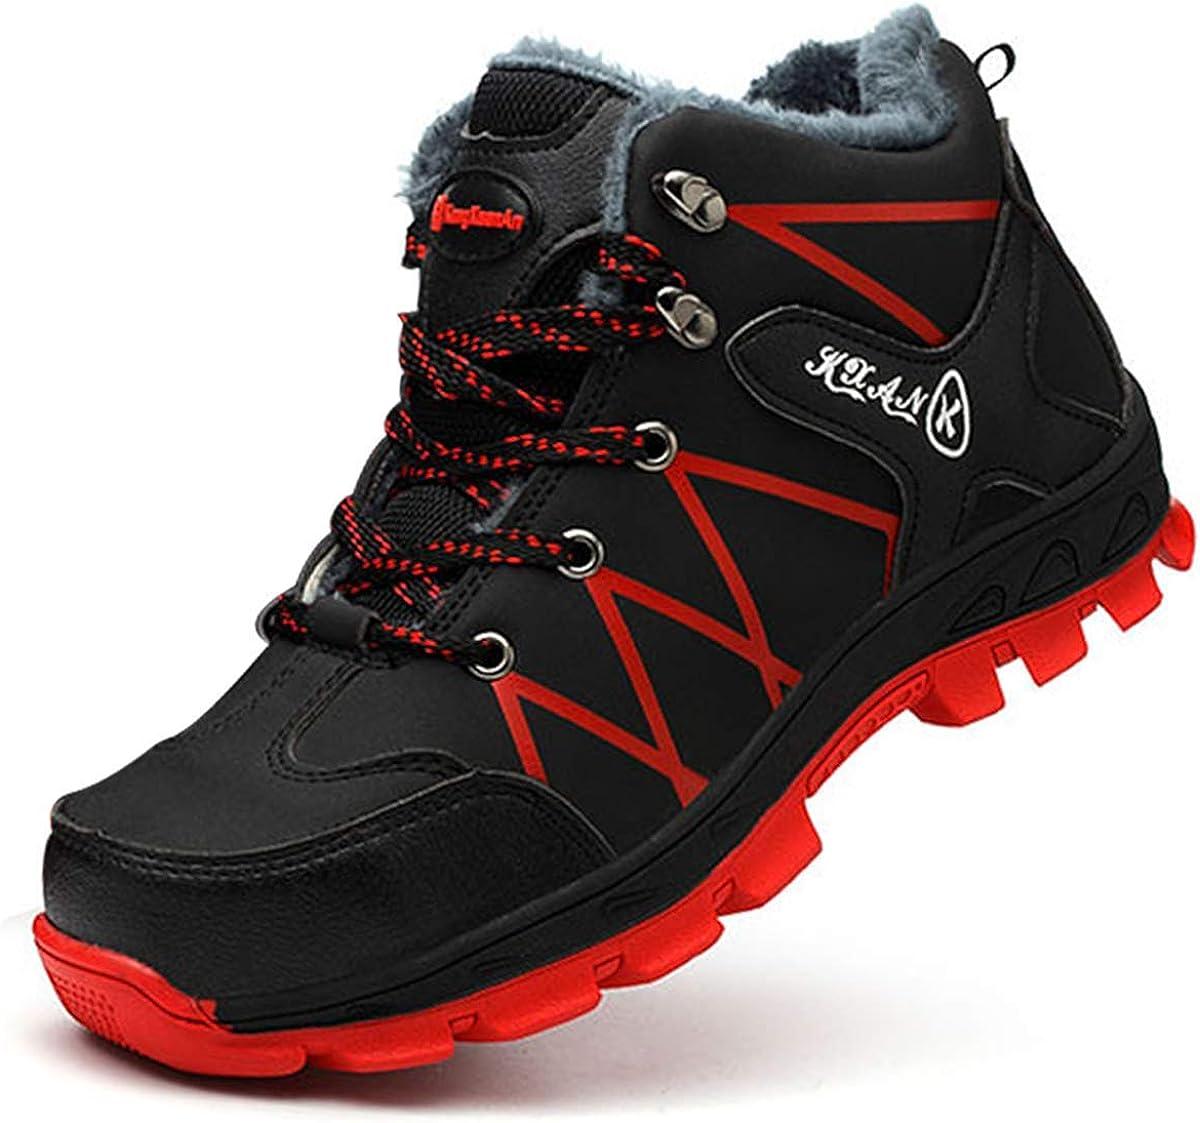 SROTER Mujer Hombre Invierno Botas de Seguridad Trabajo Zapatillas con Puntera de Acero Impermeables Botas de Nieve Zapatos de Trabajo Entrenador ...